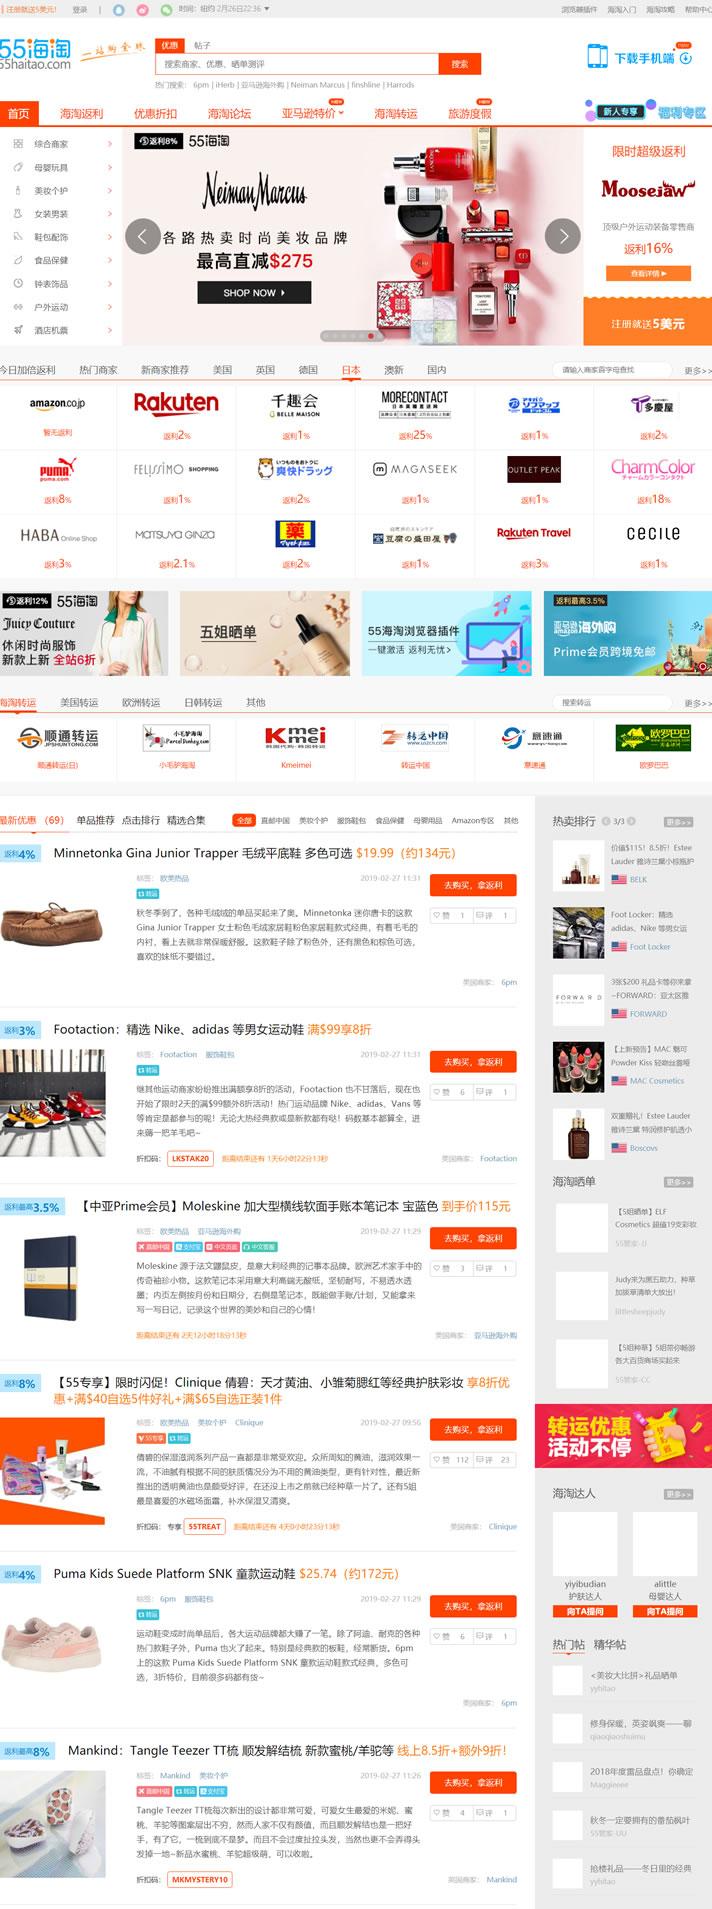 中国海淘族值得信赖的海淘返利网站:55海淘